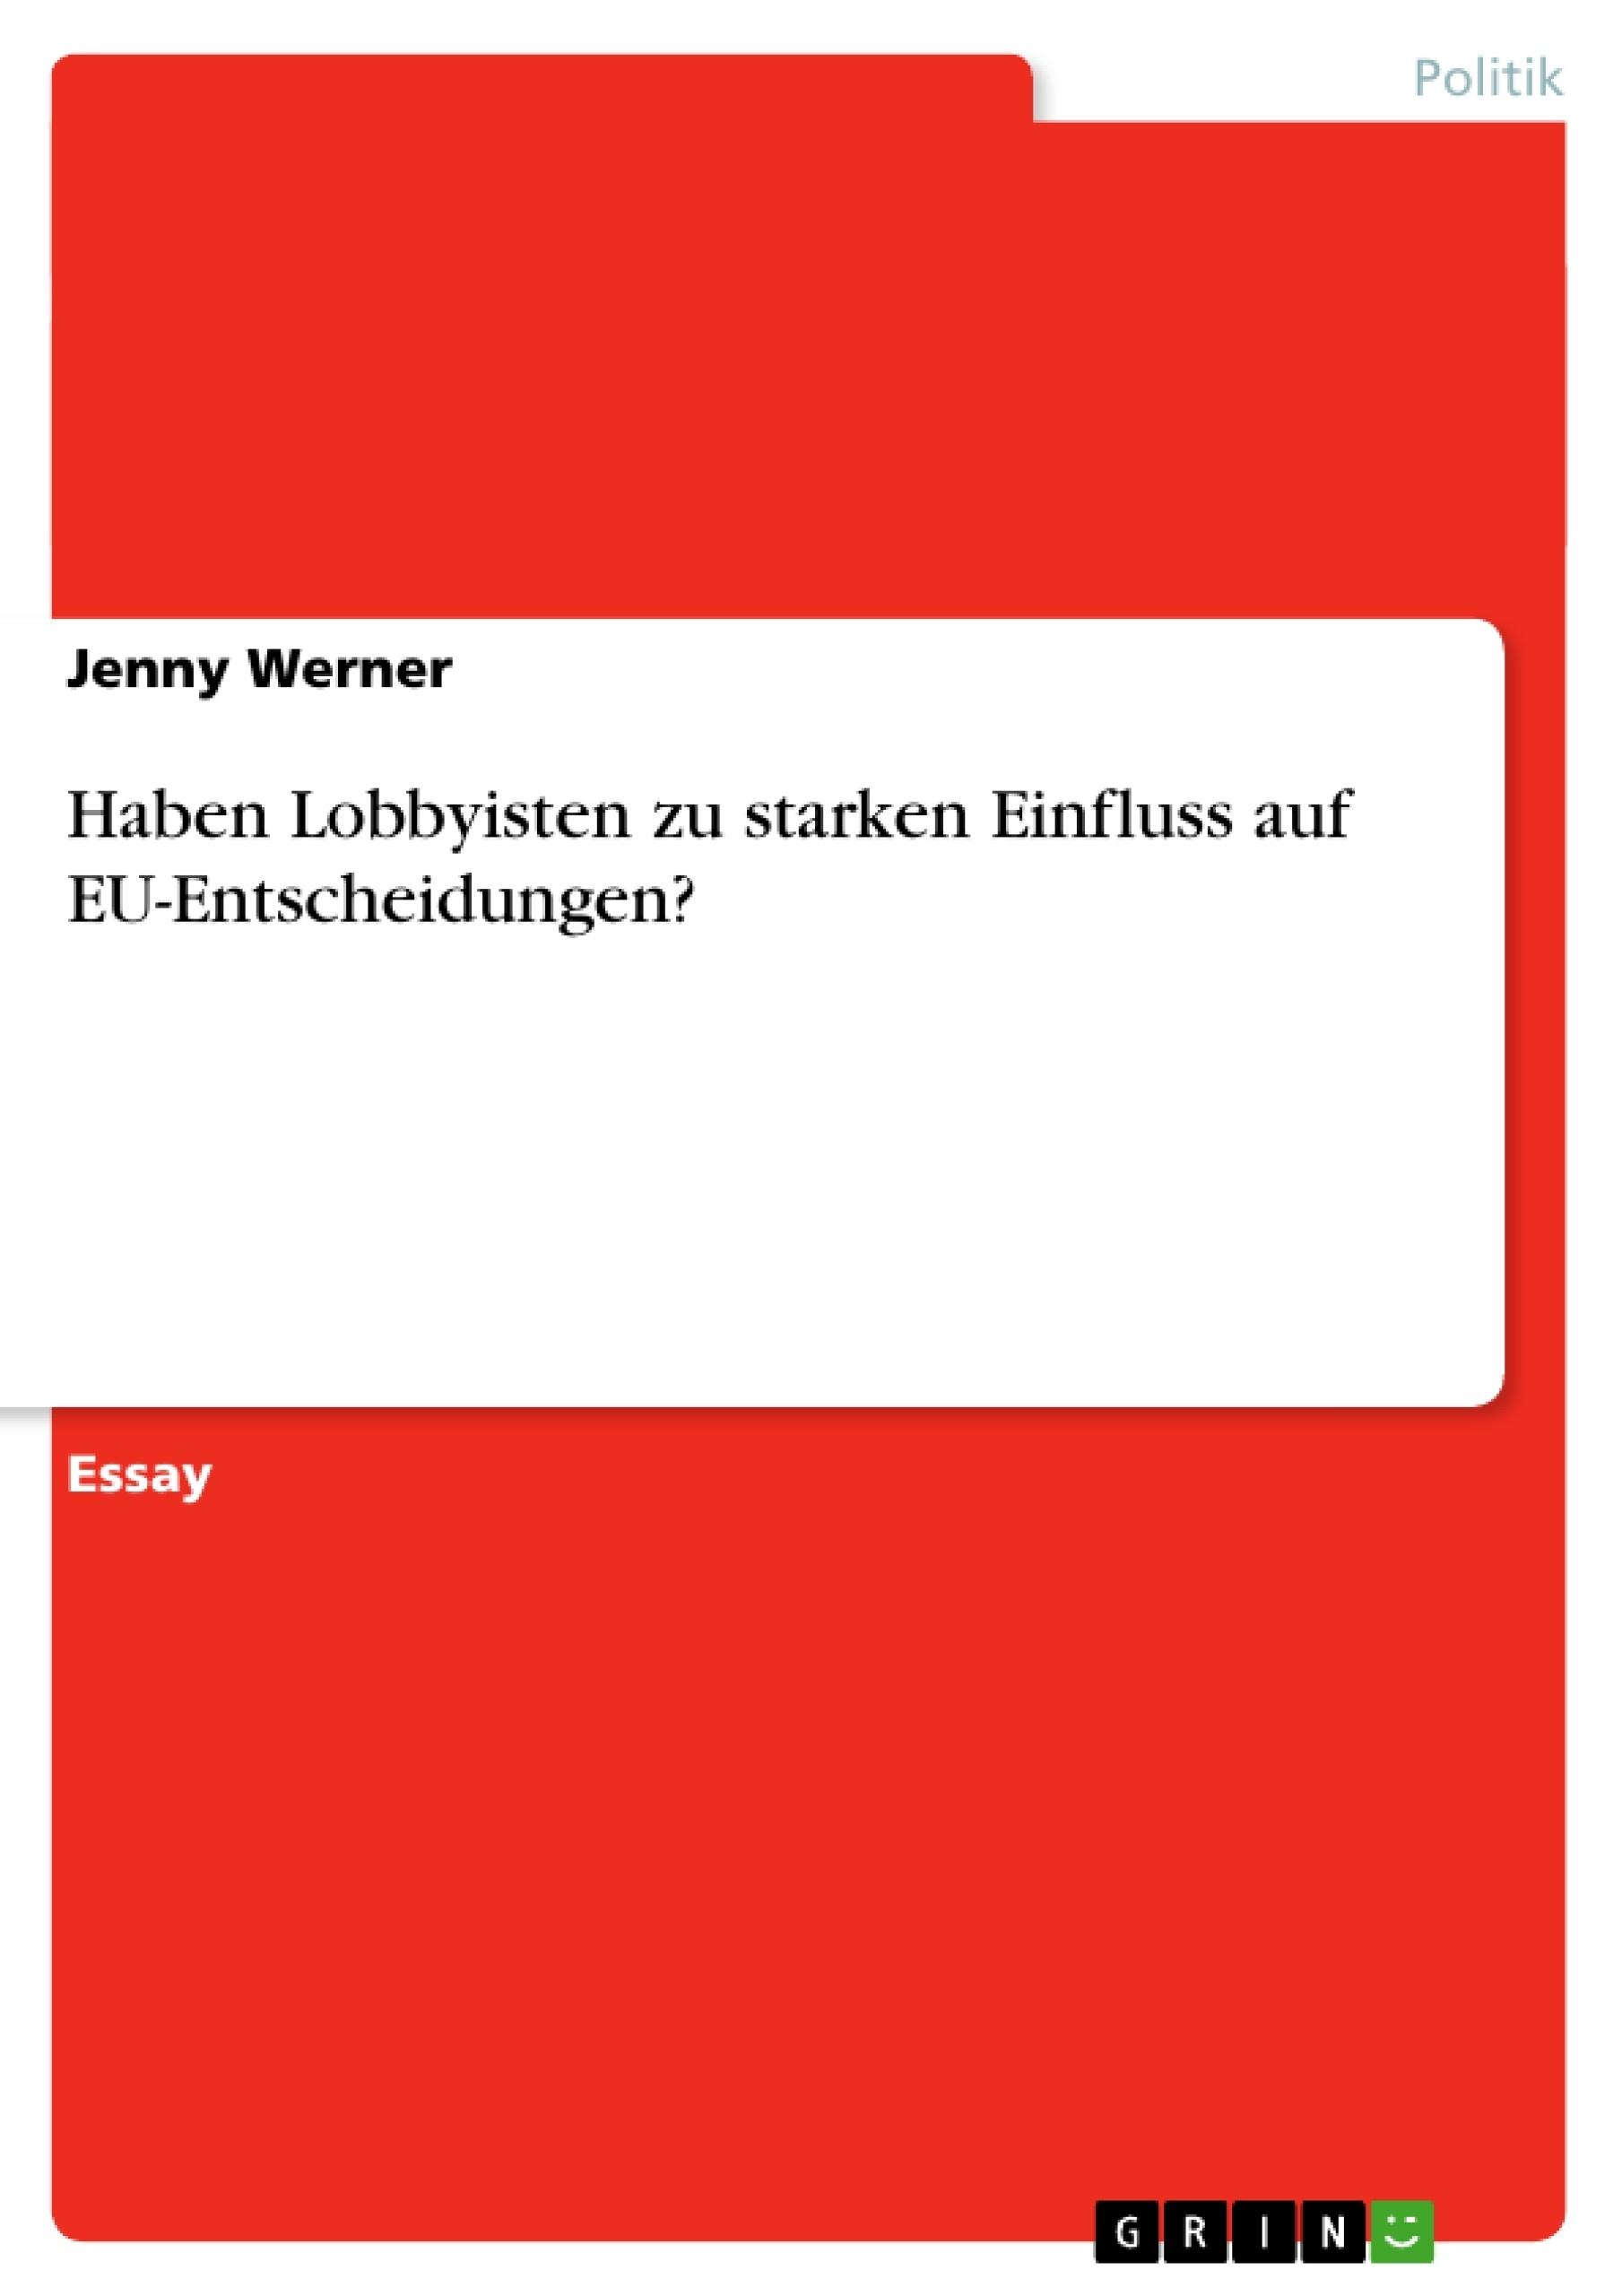 Titel: Haben Lobbyisten zu starken Einfluss auf EU-Entscheidungen?